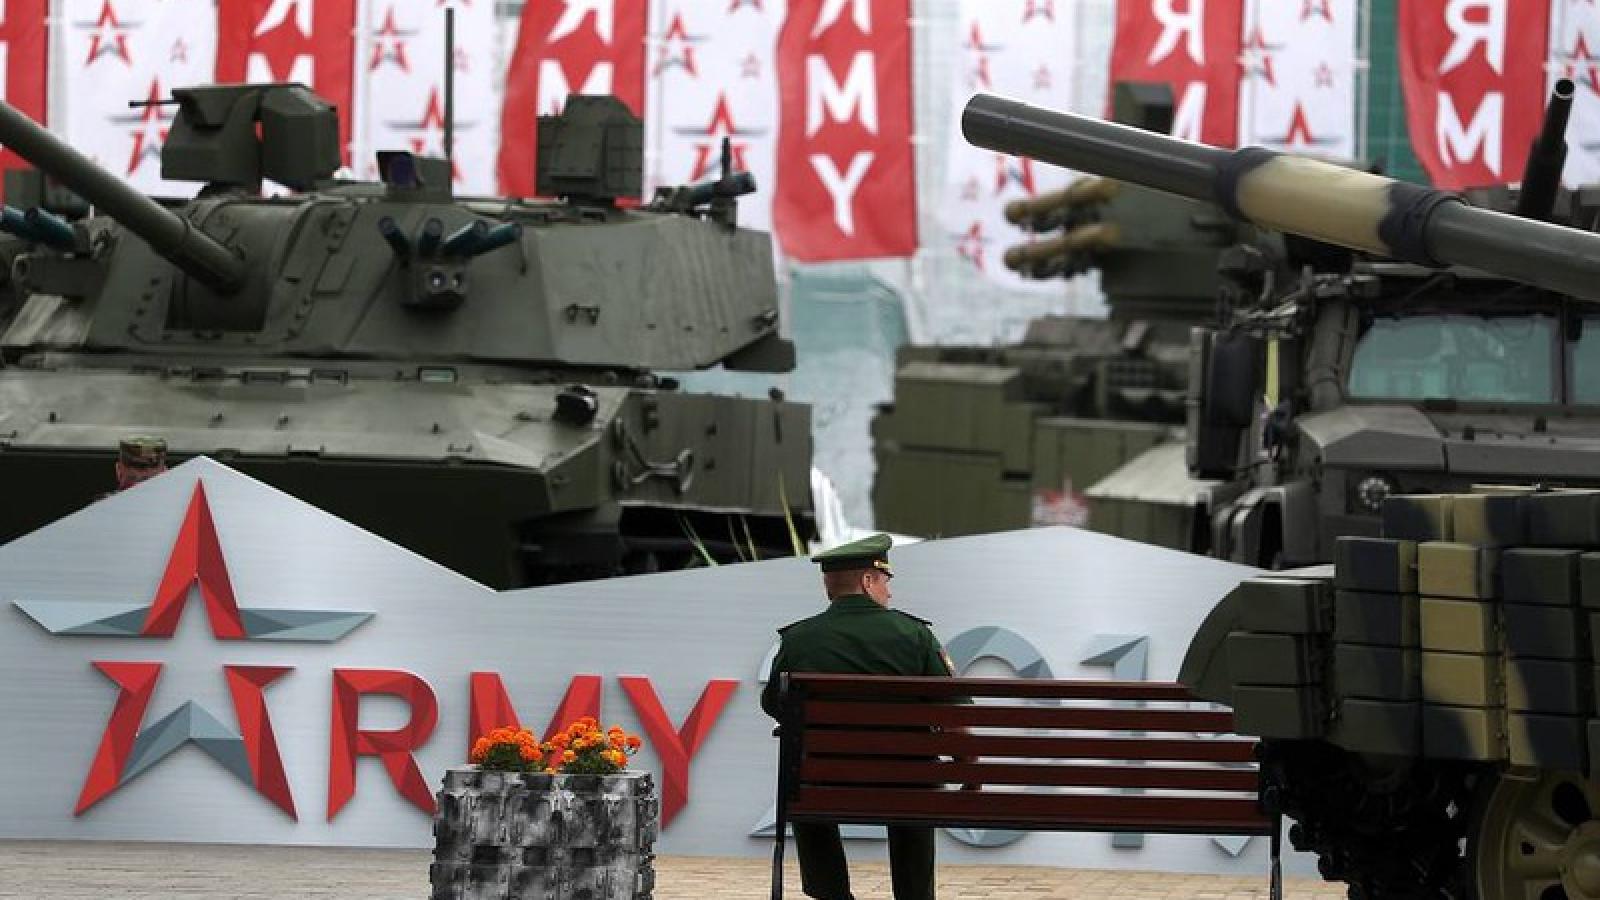 Diễn đàn Army 2020 sẽ trưng bày hơn 28.000 vũ khí và thiết bị quân sự